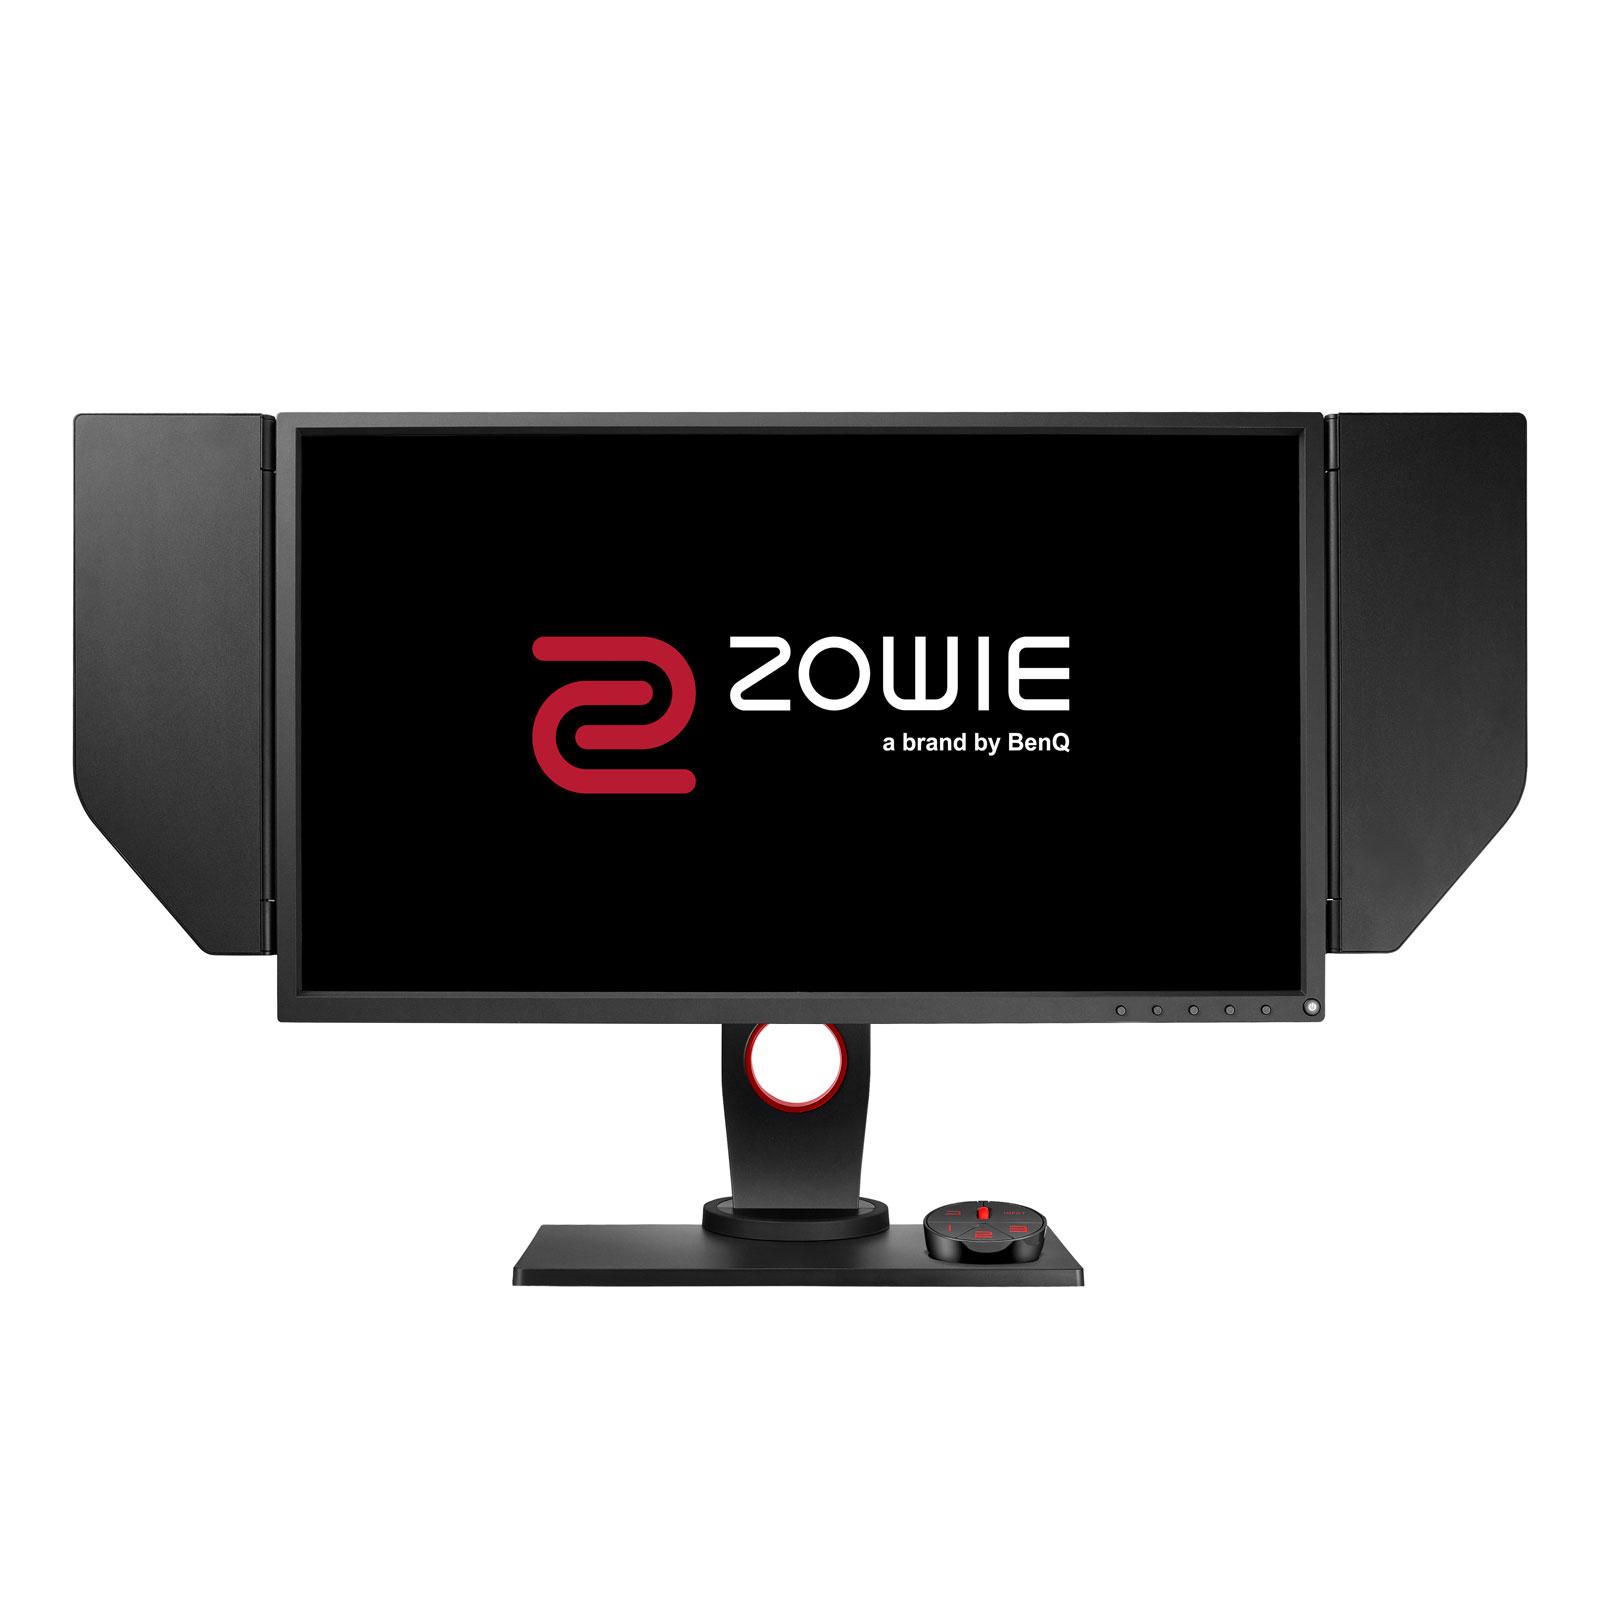 """Ecran PC BenQ Zowie 24.5"""" LED - XL2540 1920 x 1080 pixels - 1 ms (gris à gris) - Format large 16/9 - DVI-DL/HDMI/DP1.2/USB - Pivot - S Switch - Noir (garantie constructeur 3 ans)"""